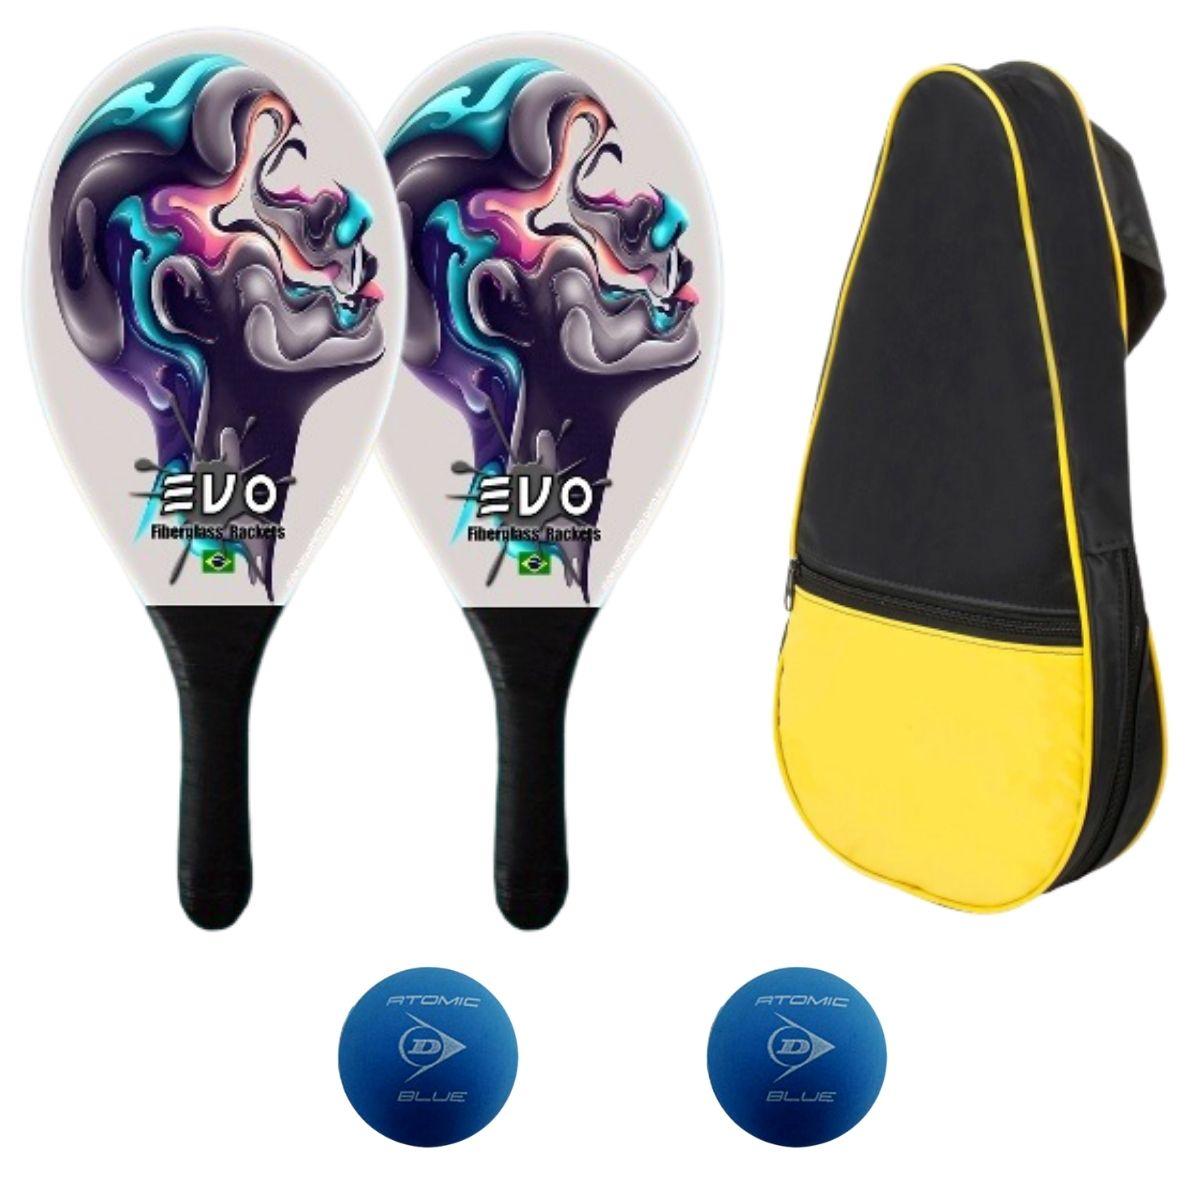 Kit Raquetes Frescobol Evo Fibra Face com Raqueteira 2 Bolas